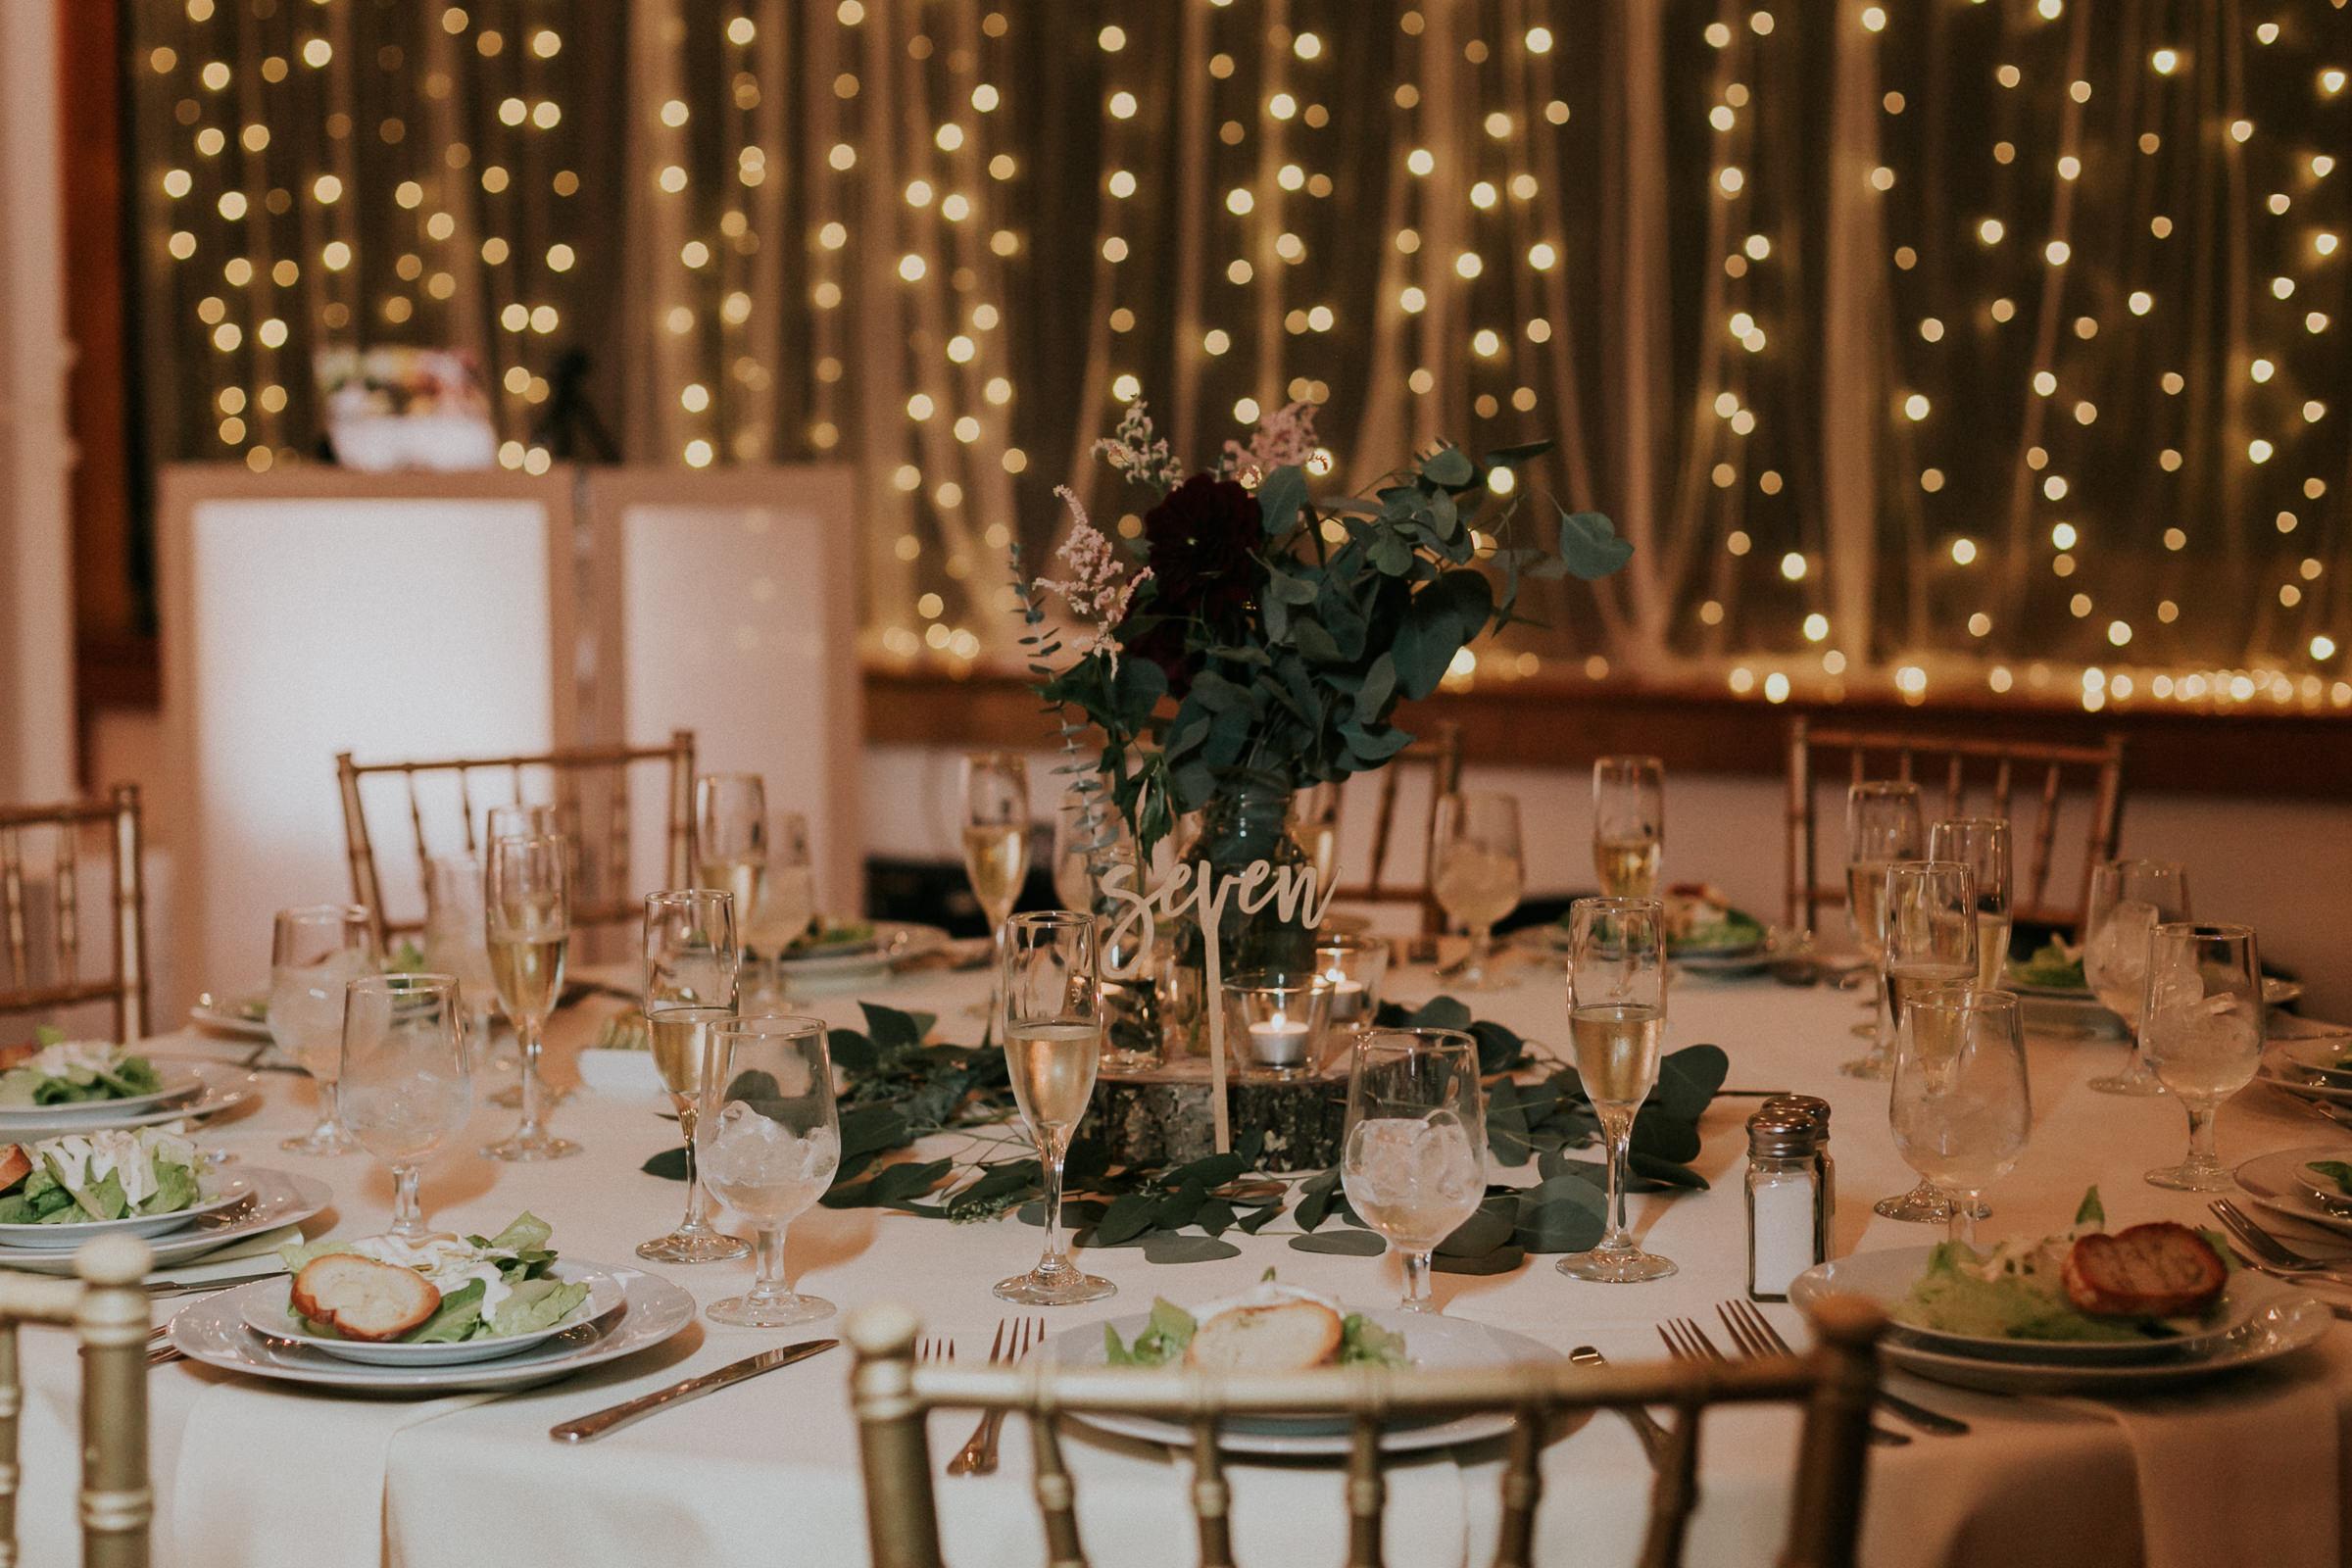 Arrow-Park-Monroe-NY-Documentary-Wedding-Photographer-82.jpg